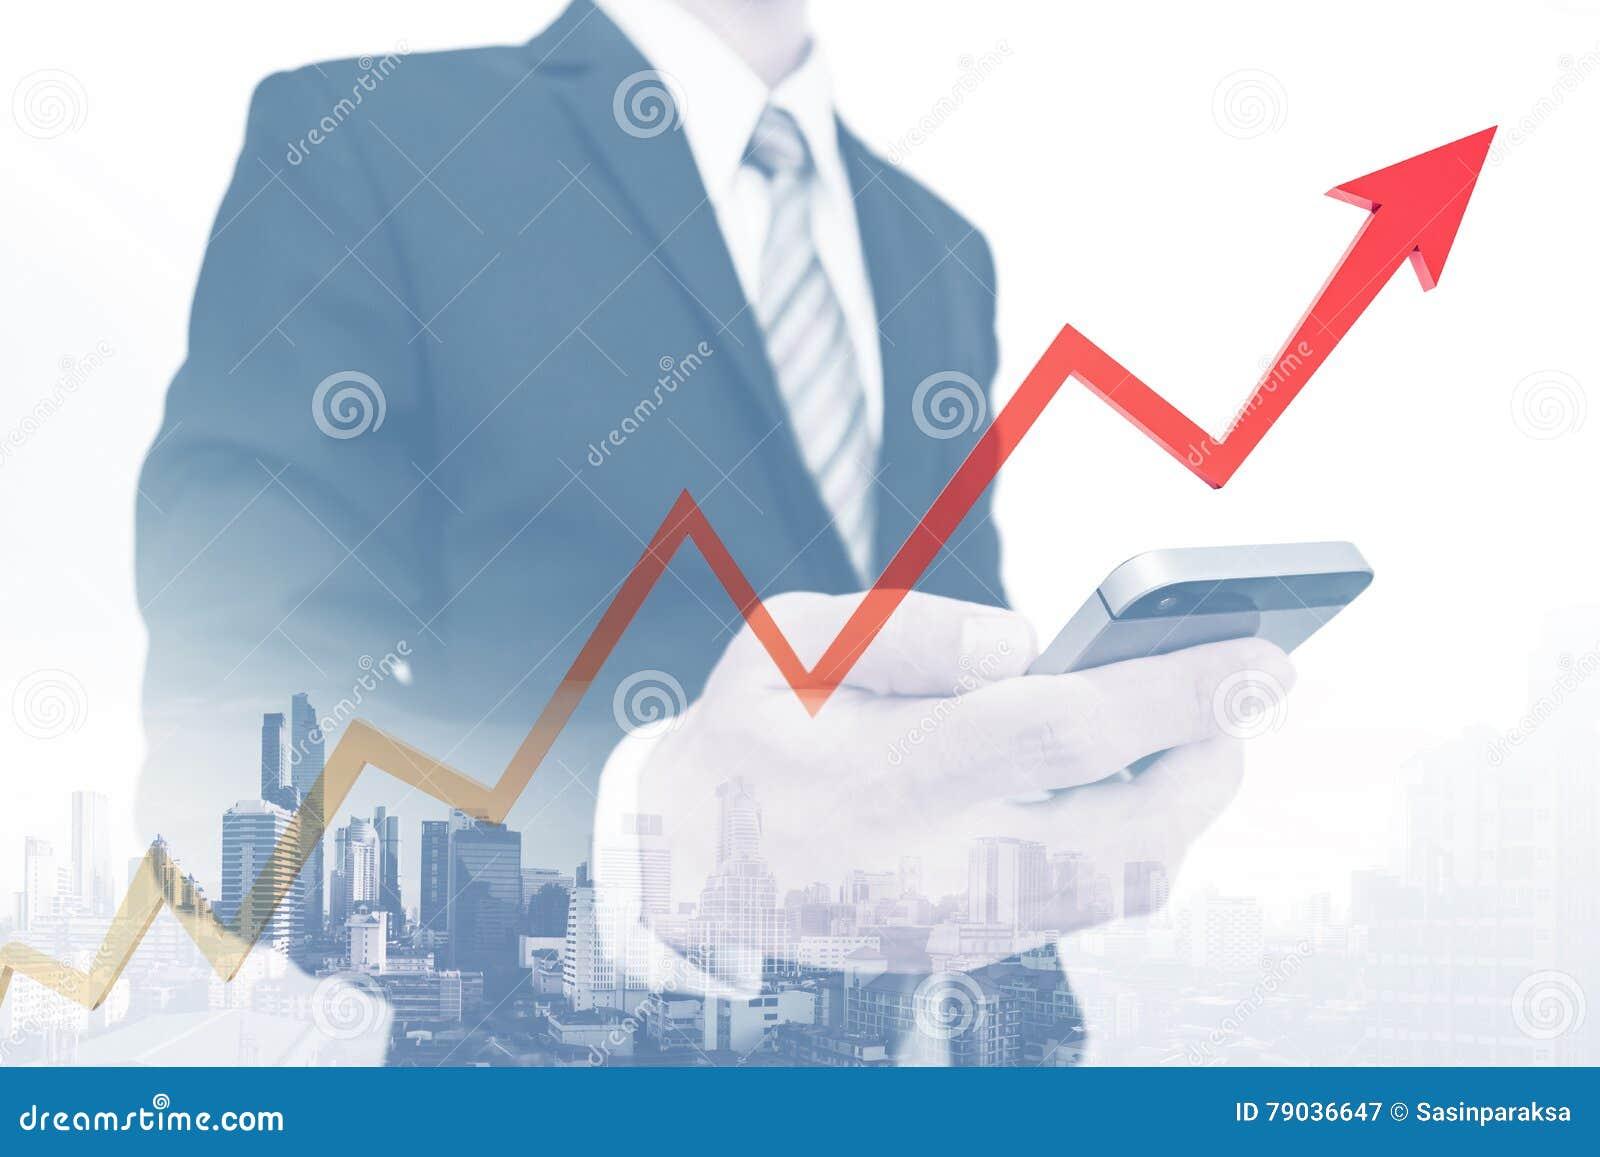 Hombre de negocios usando smartphone con el levantamiento encima de la flecha, representando crecimiento del negocio